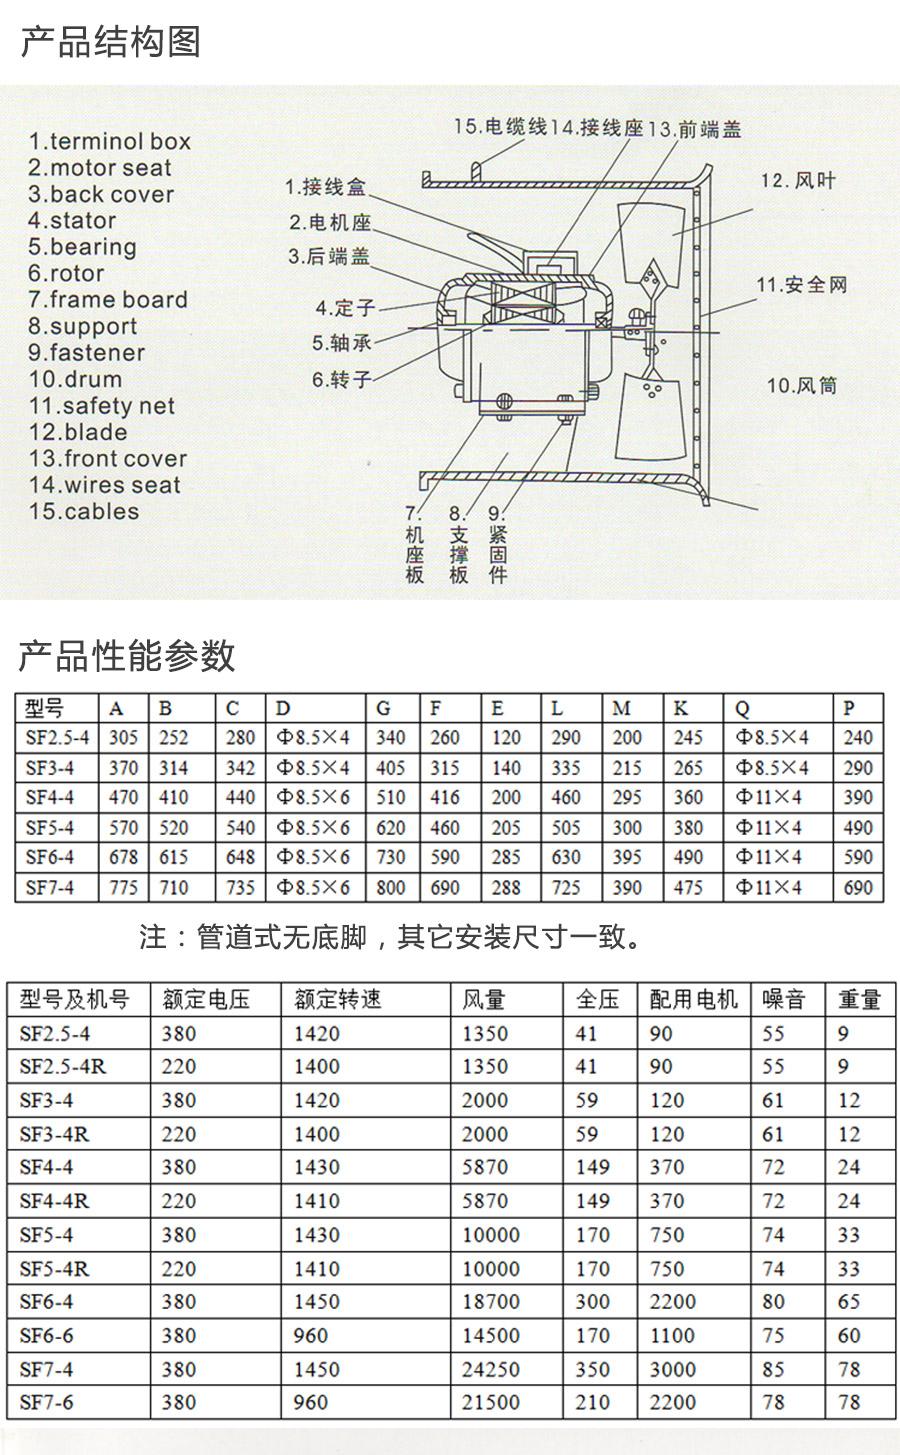 SF6#三相管道式型号电机安装和尺寸与外形尺寸图8